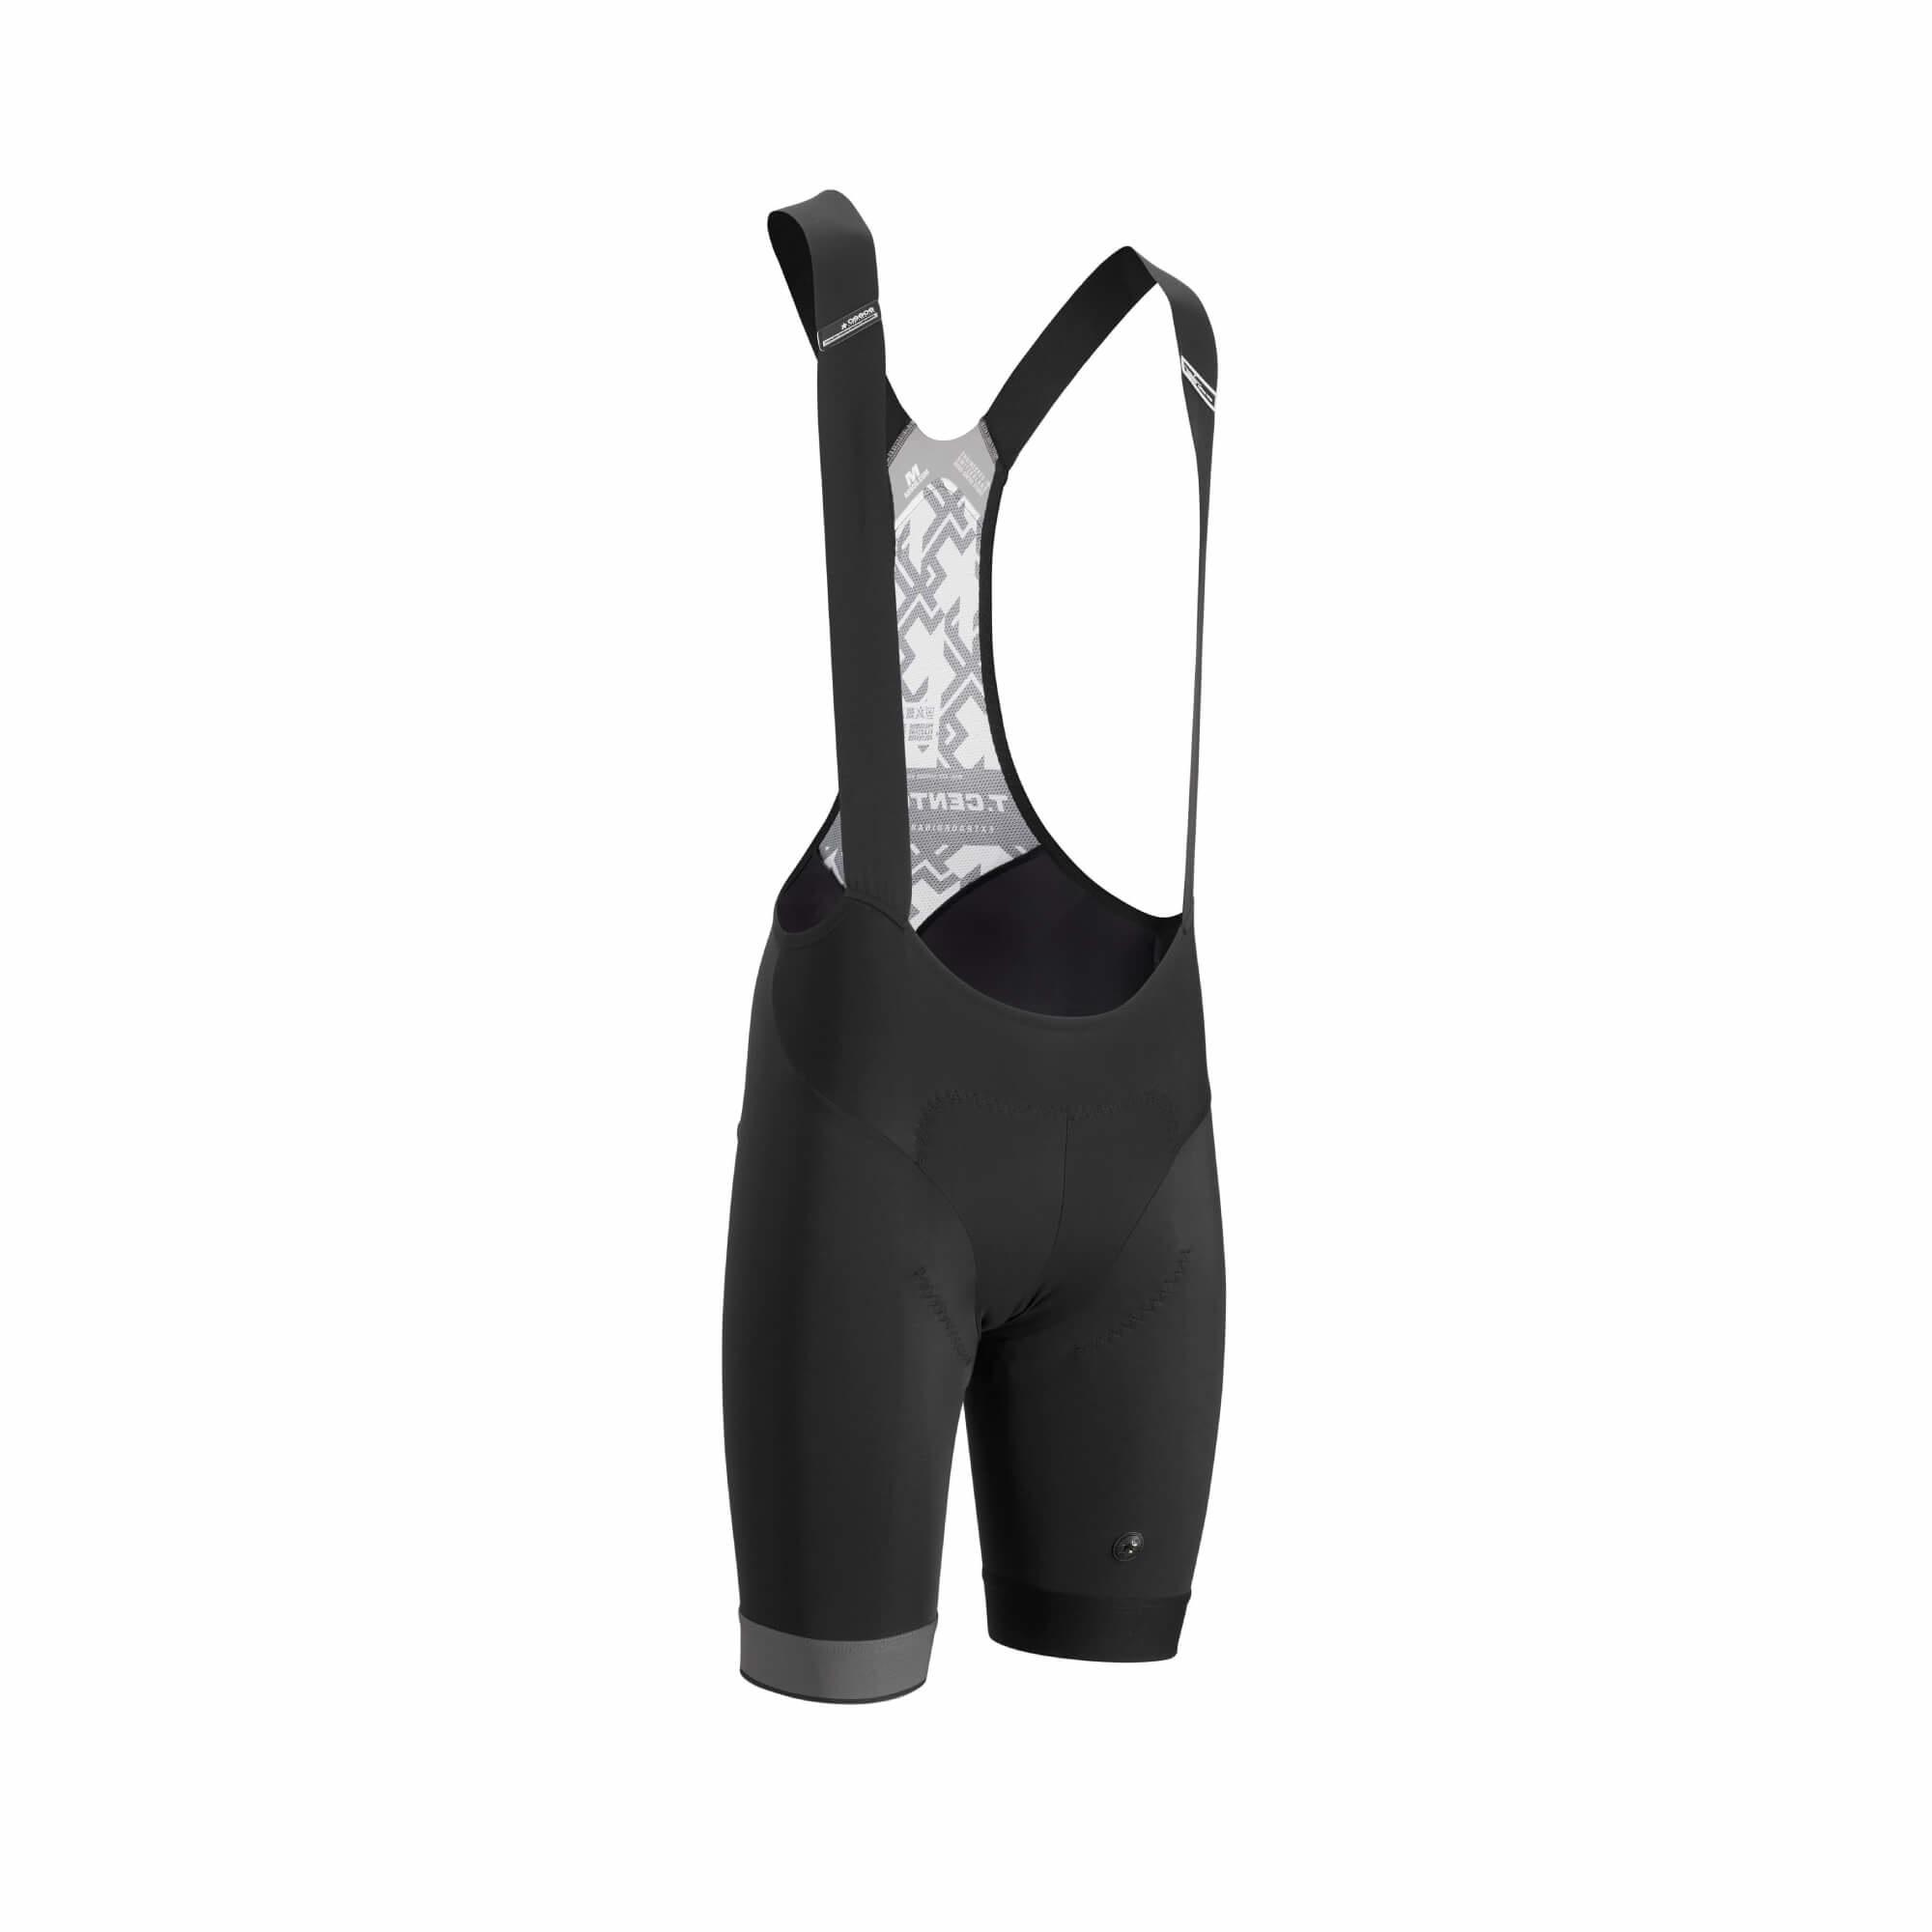 Cento Evo Bib Shorts-2